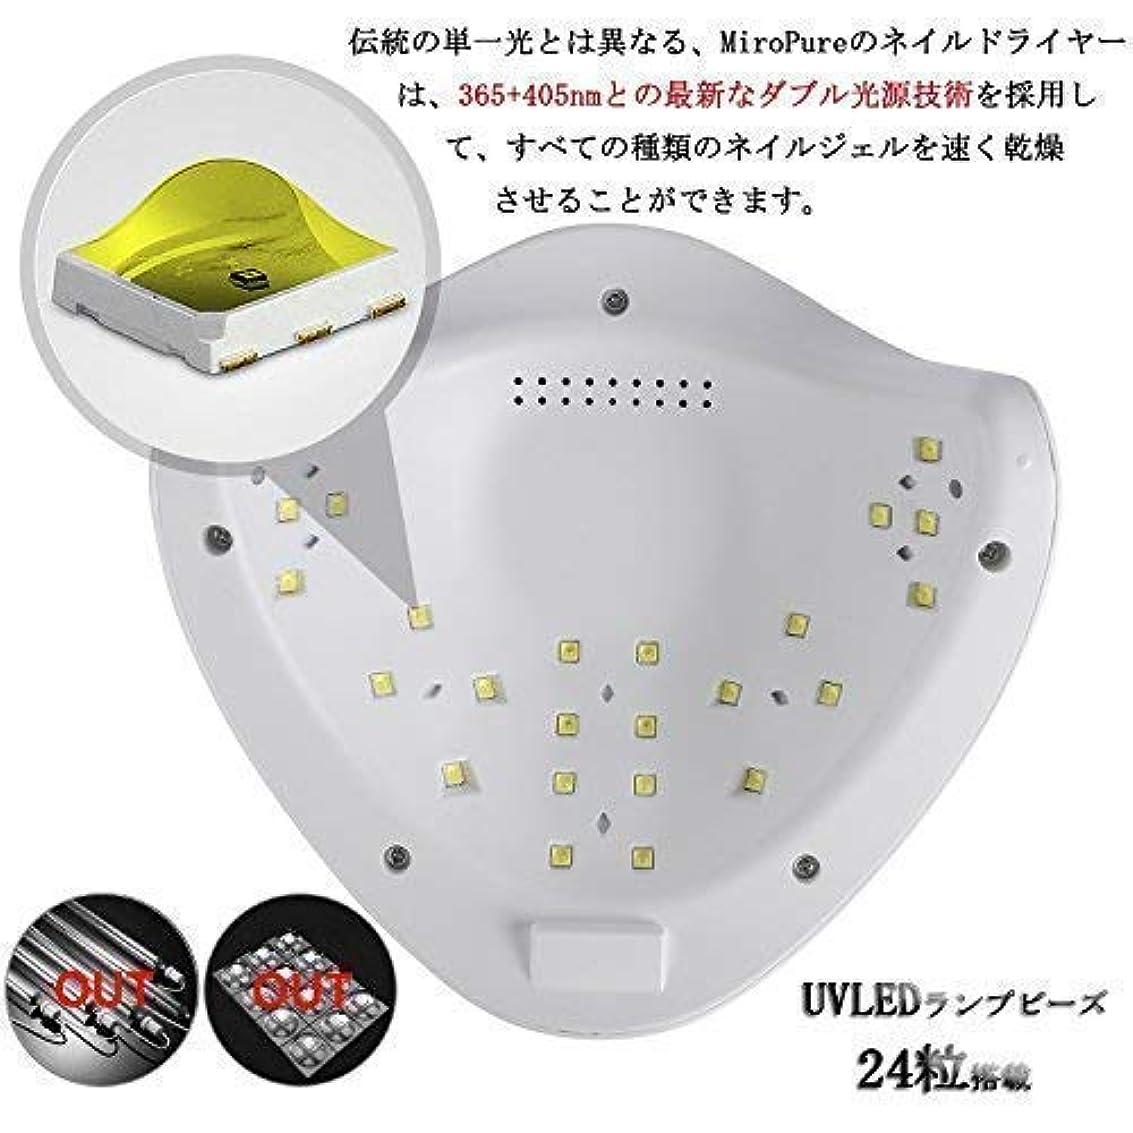 前述の立証するボーカルUV LEDネイルドライヤー 赤外線検知 36W ハイパワー UV と LEDダブルライト ジェルネイル用 四つタイマー設定可能